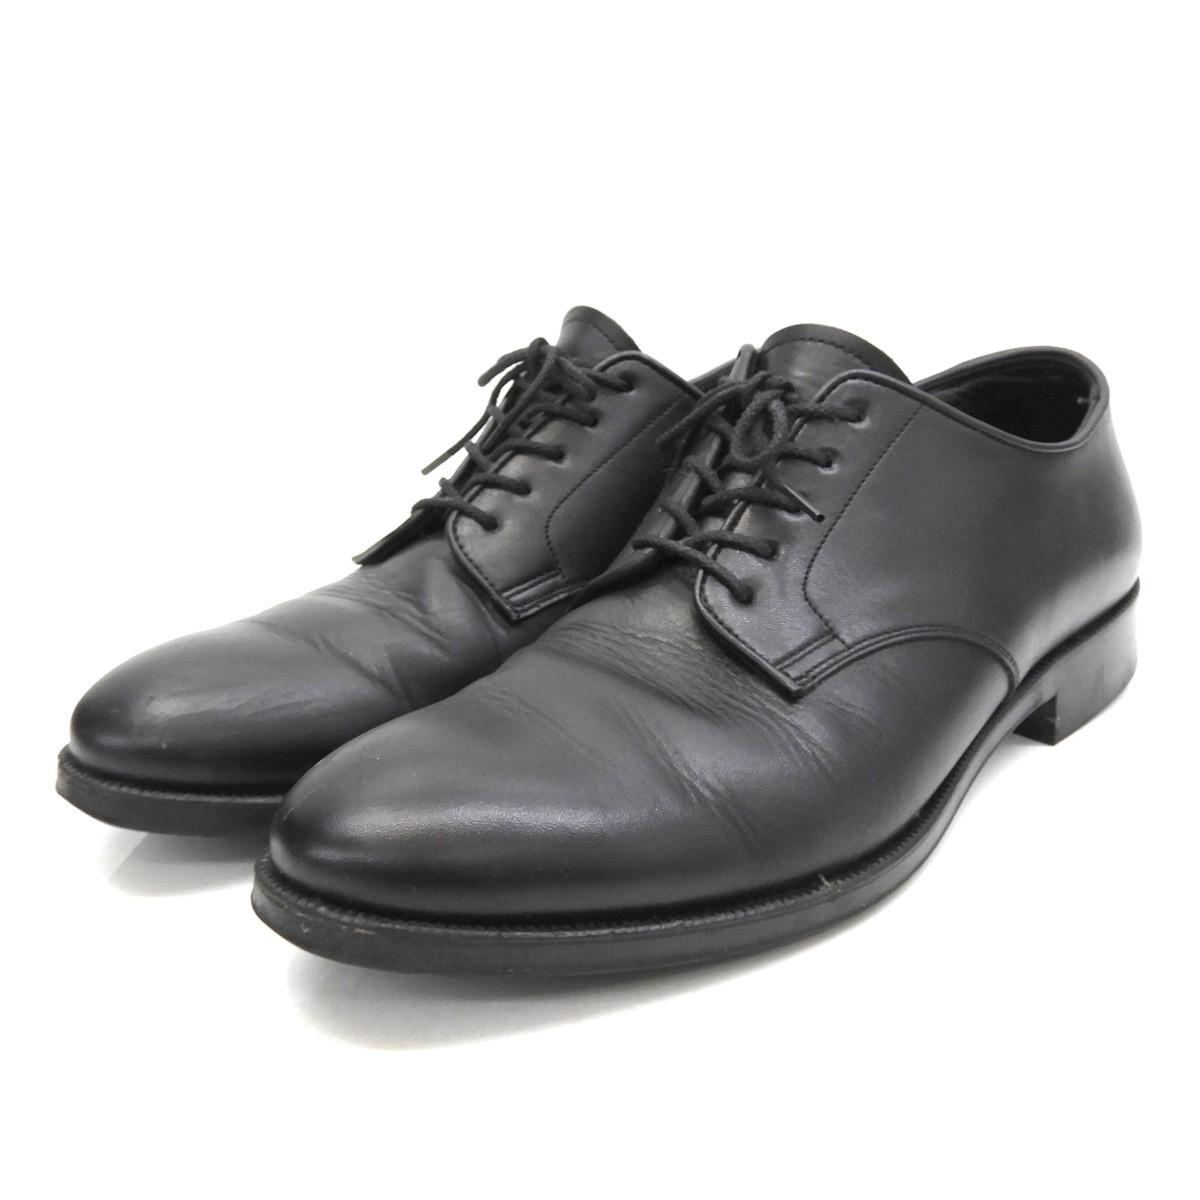 フットストックオリジナルズ 再入荷 予約販売 中古 商品追加値下げ在庫復活 FOOTSTOCK ORIGINALS SERVICEMAN ブラック サイズ:8 201120 SHOES シューズ